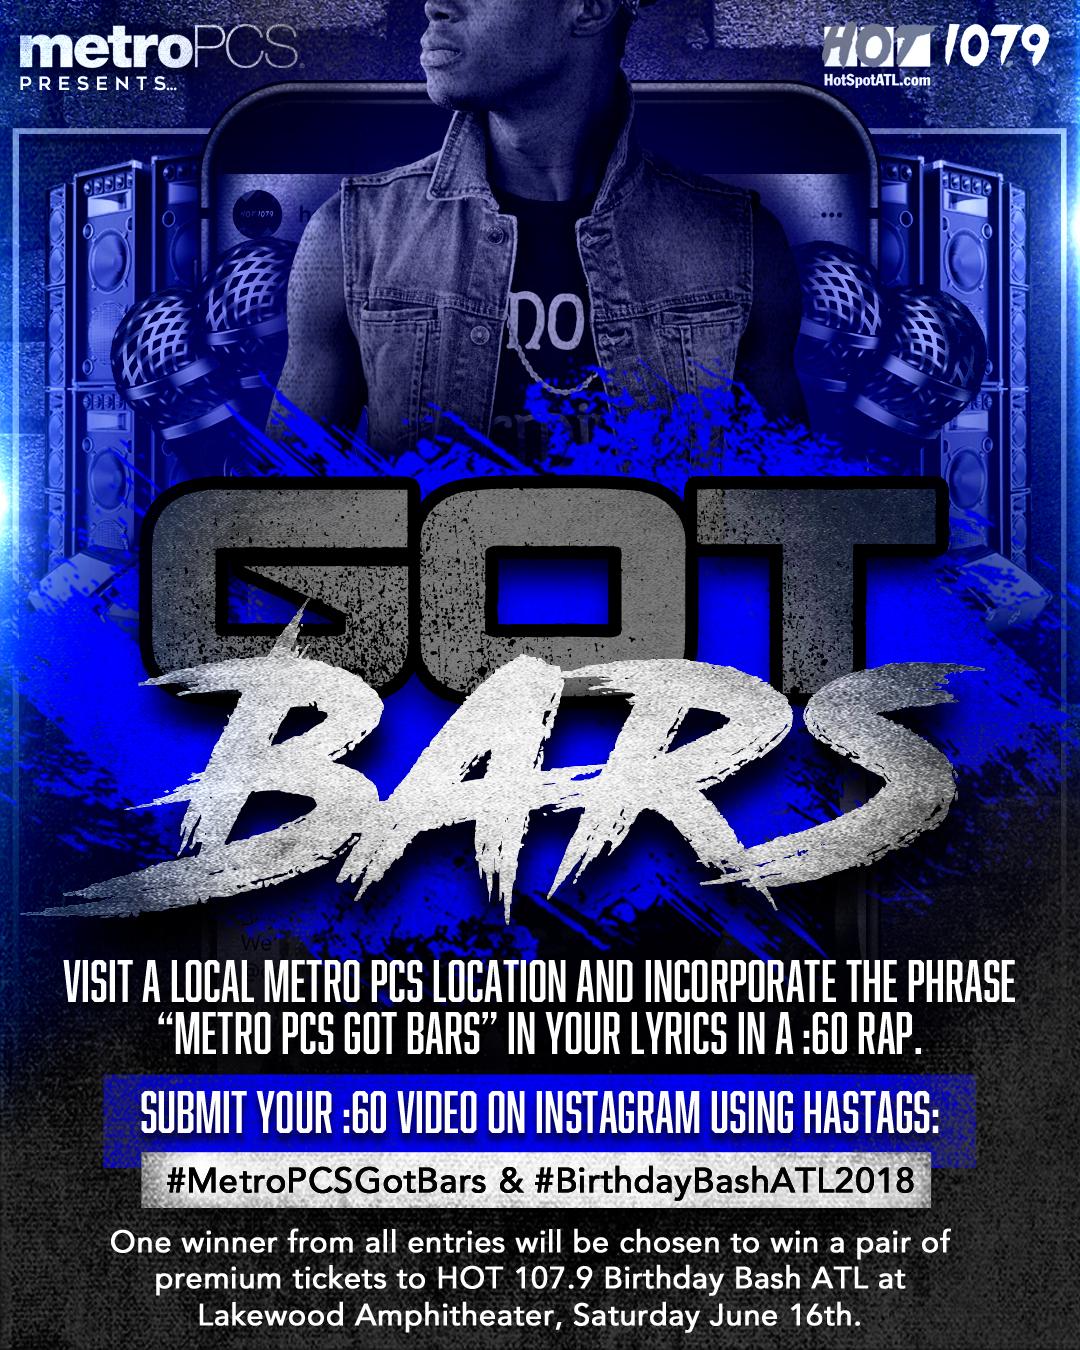 MetroPCS Got Bars Event